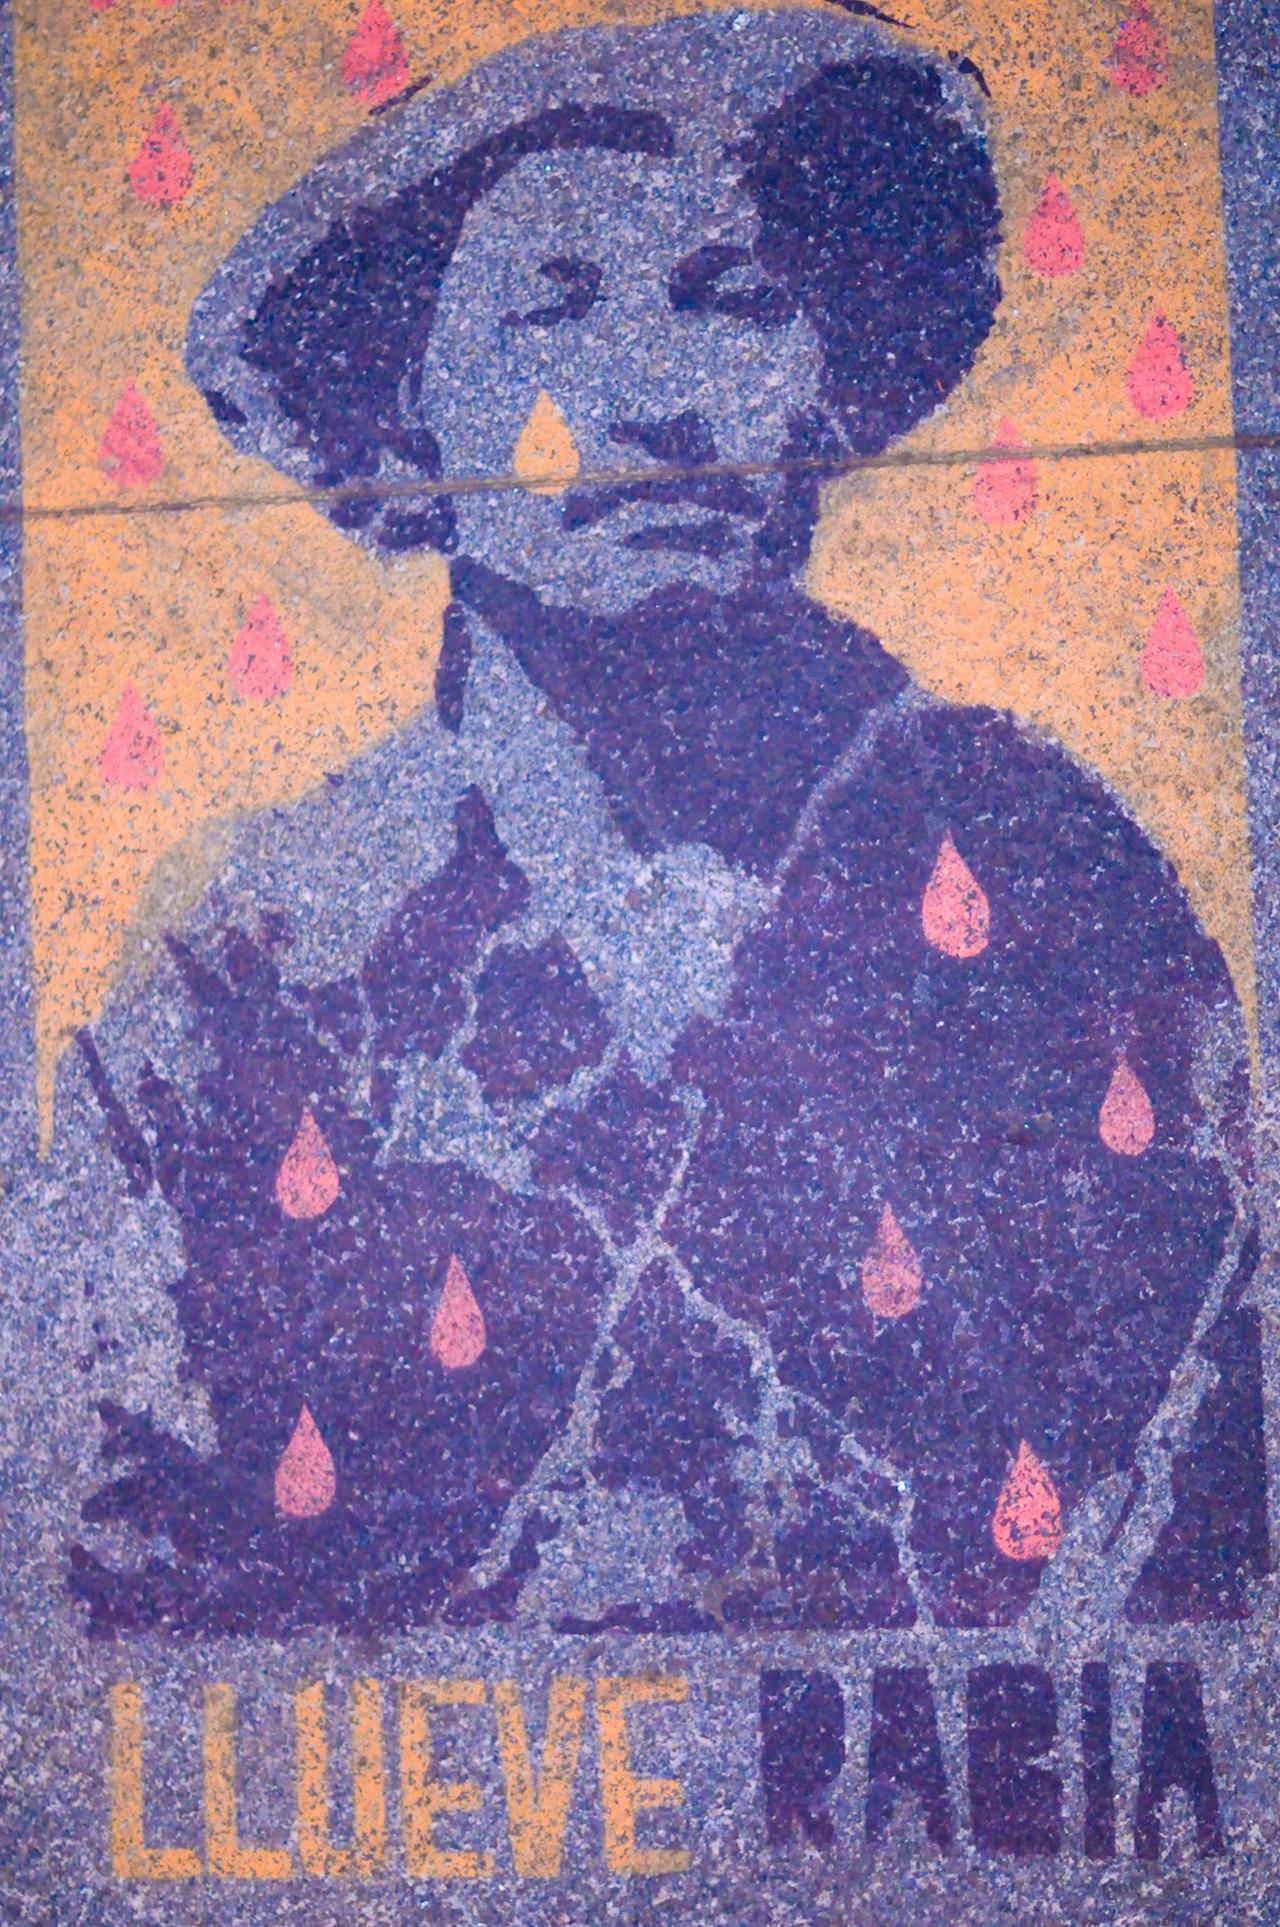 A stencil on the sidewalk along Reforma avenue